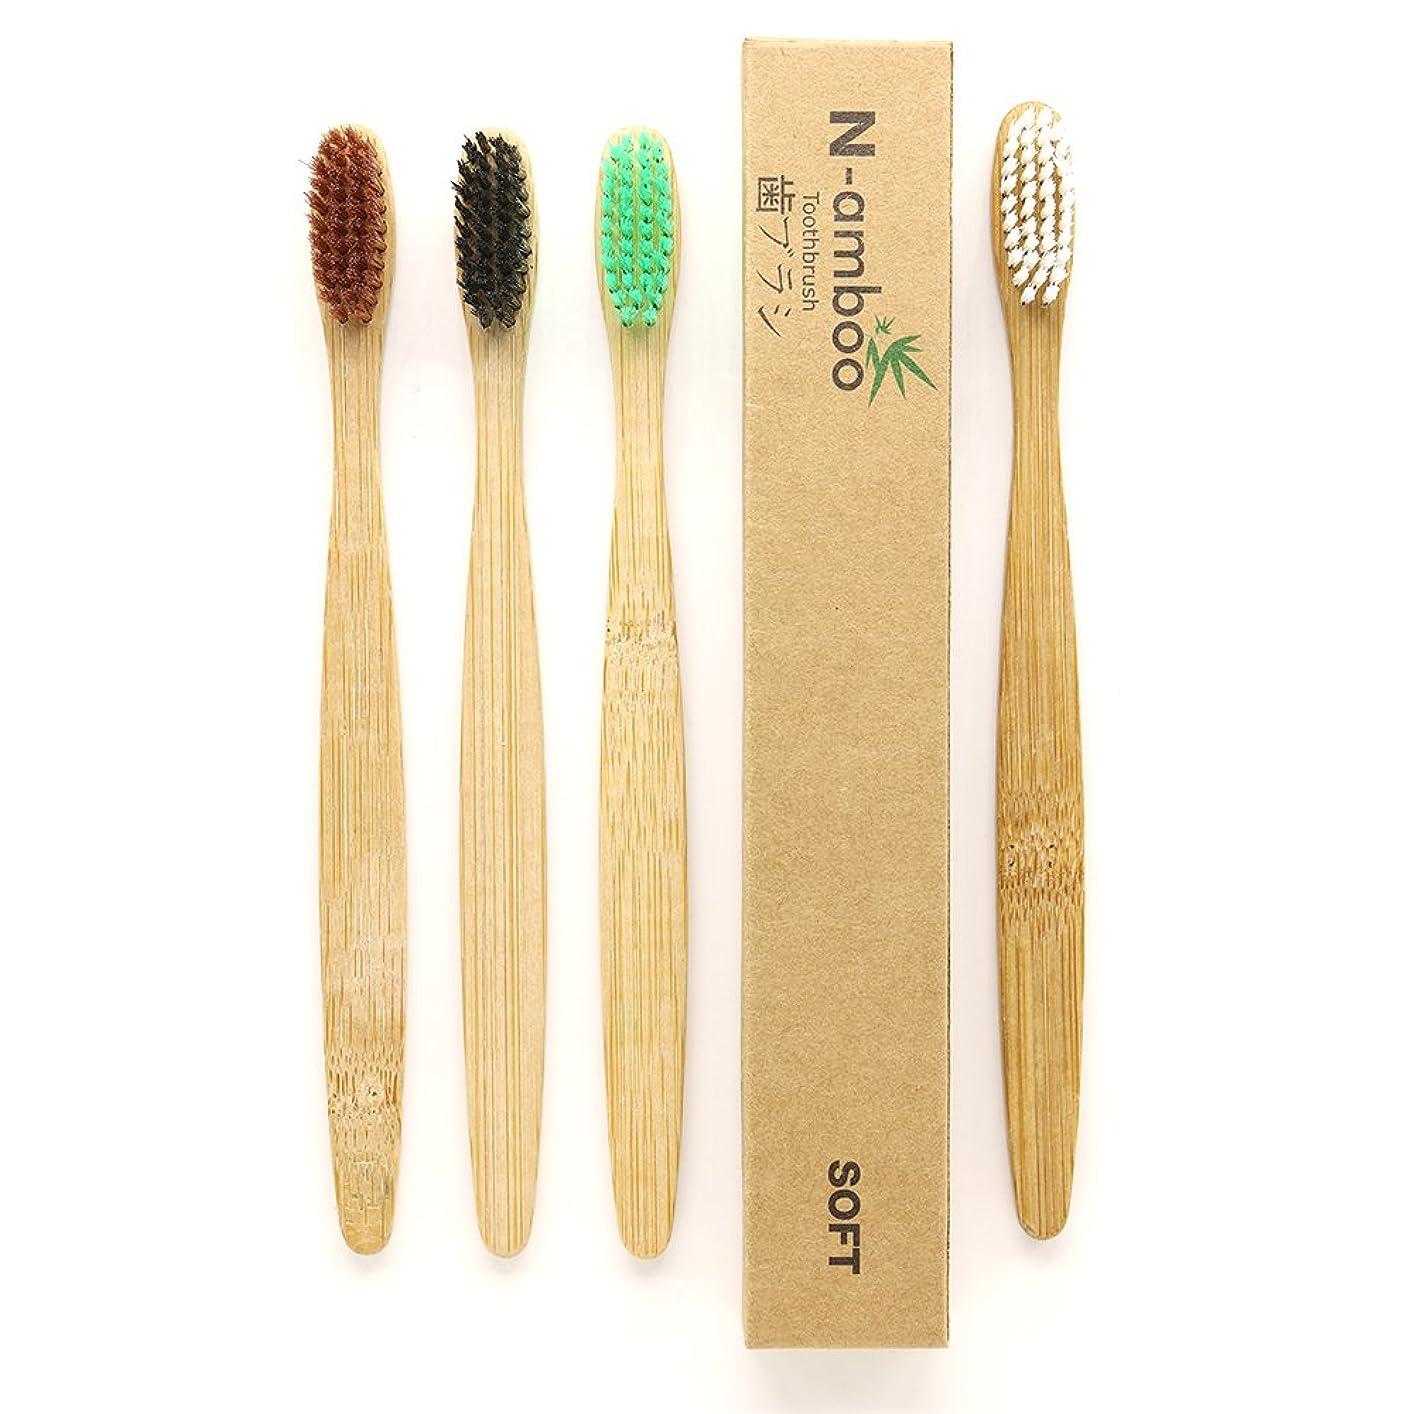 多様な半ばパノラマN-amboo 竹製耐久度高い 歯ブラシ 4本入り(4色各1本)